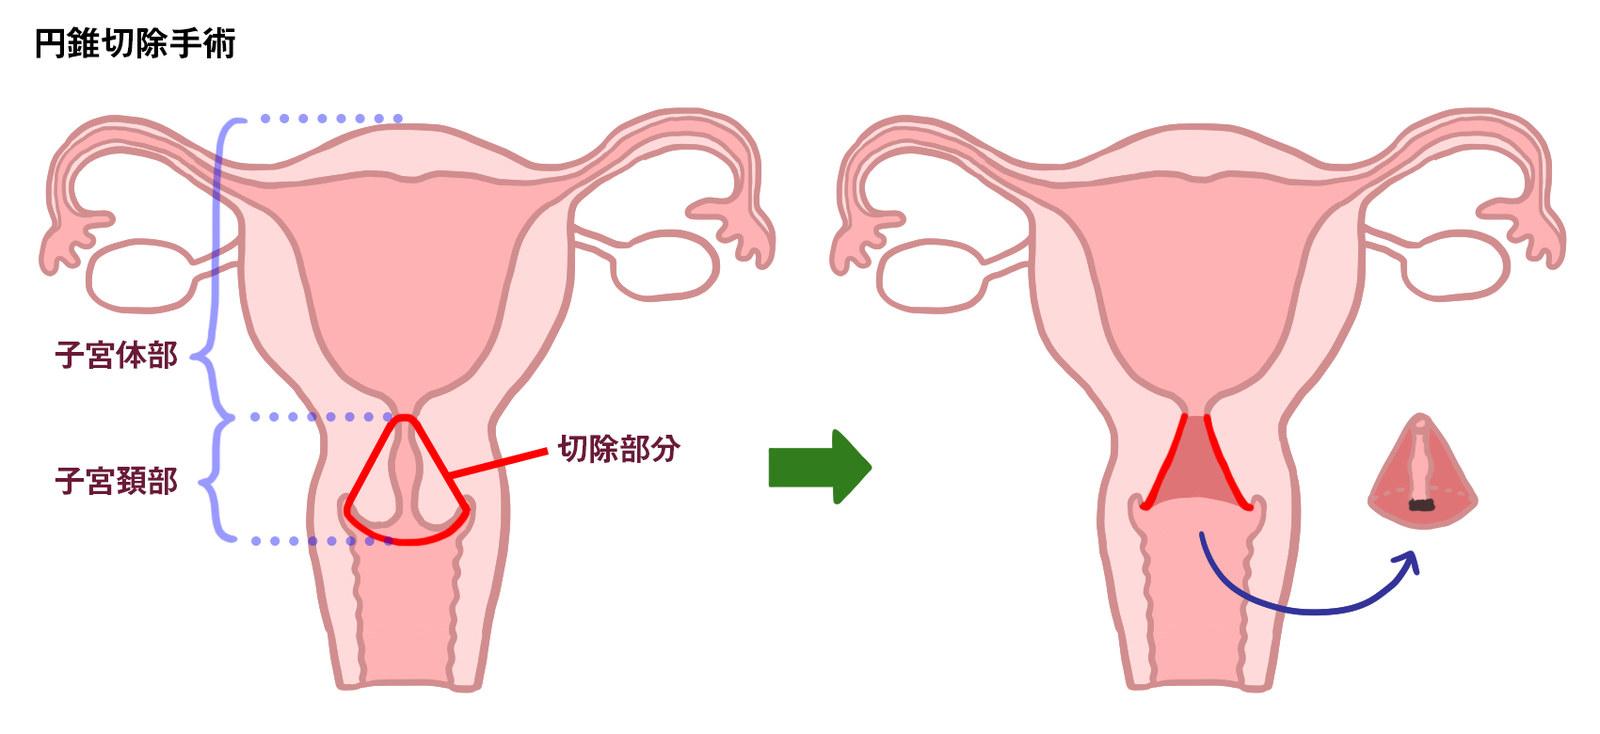 筋腫 手術 リスク 子宮